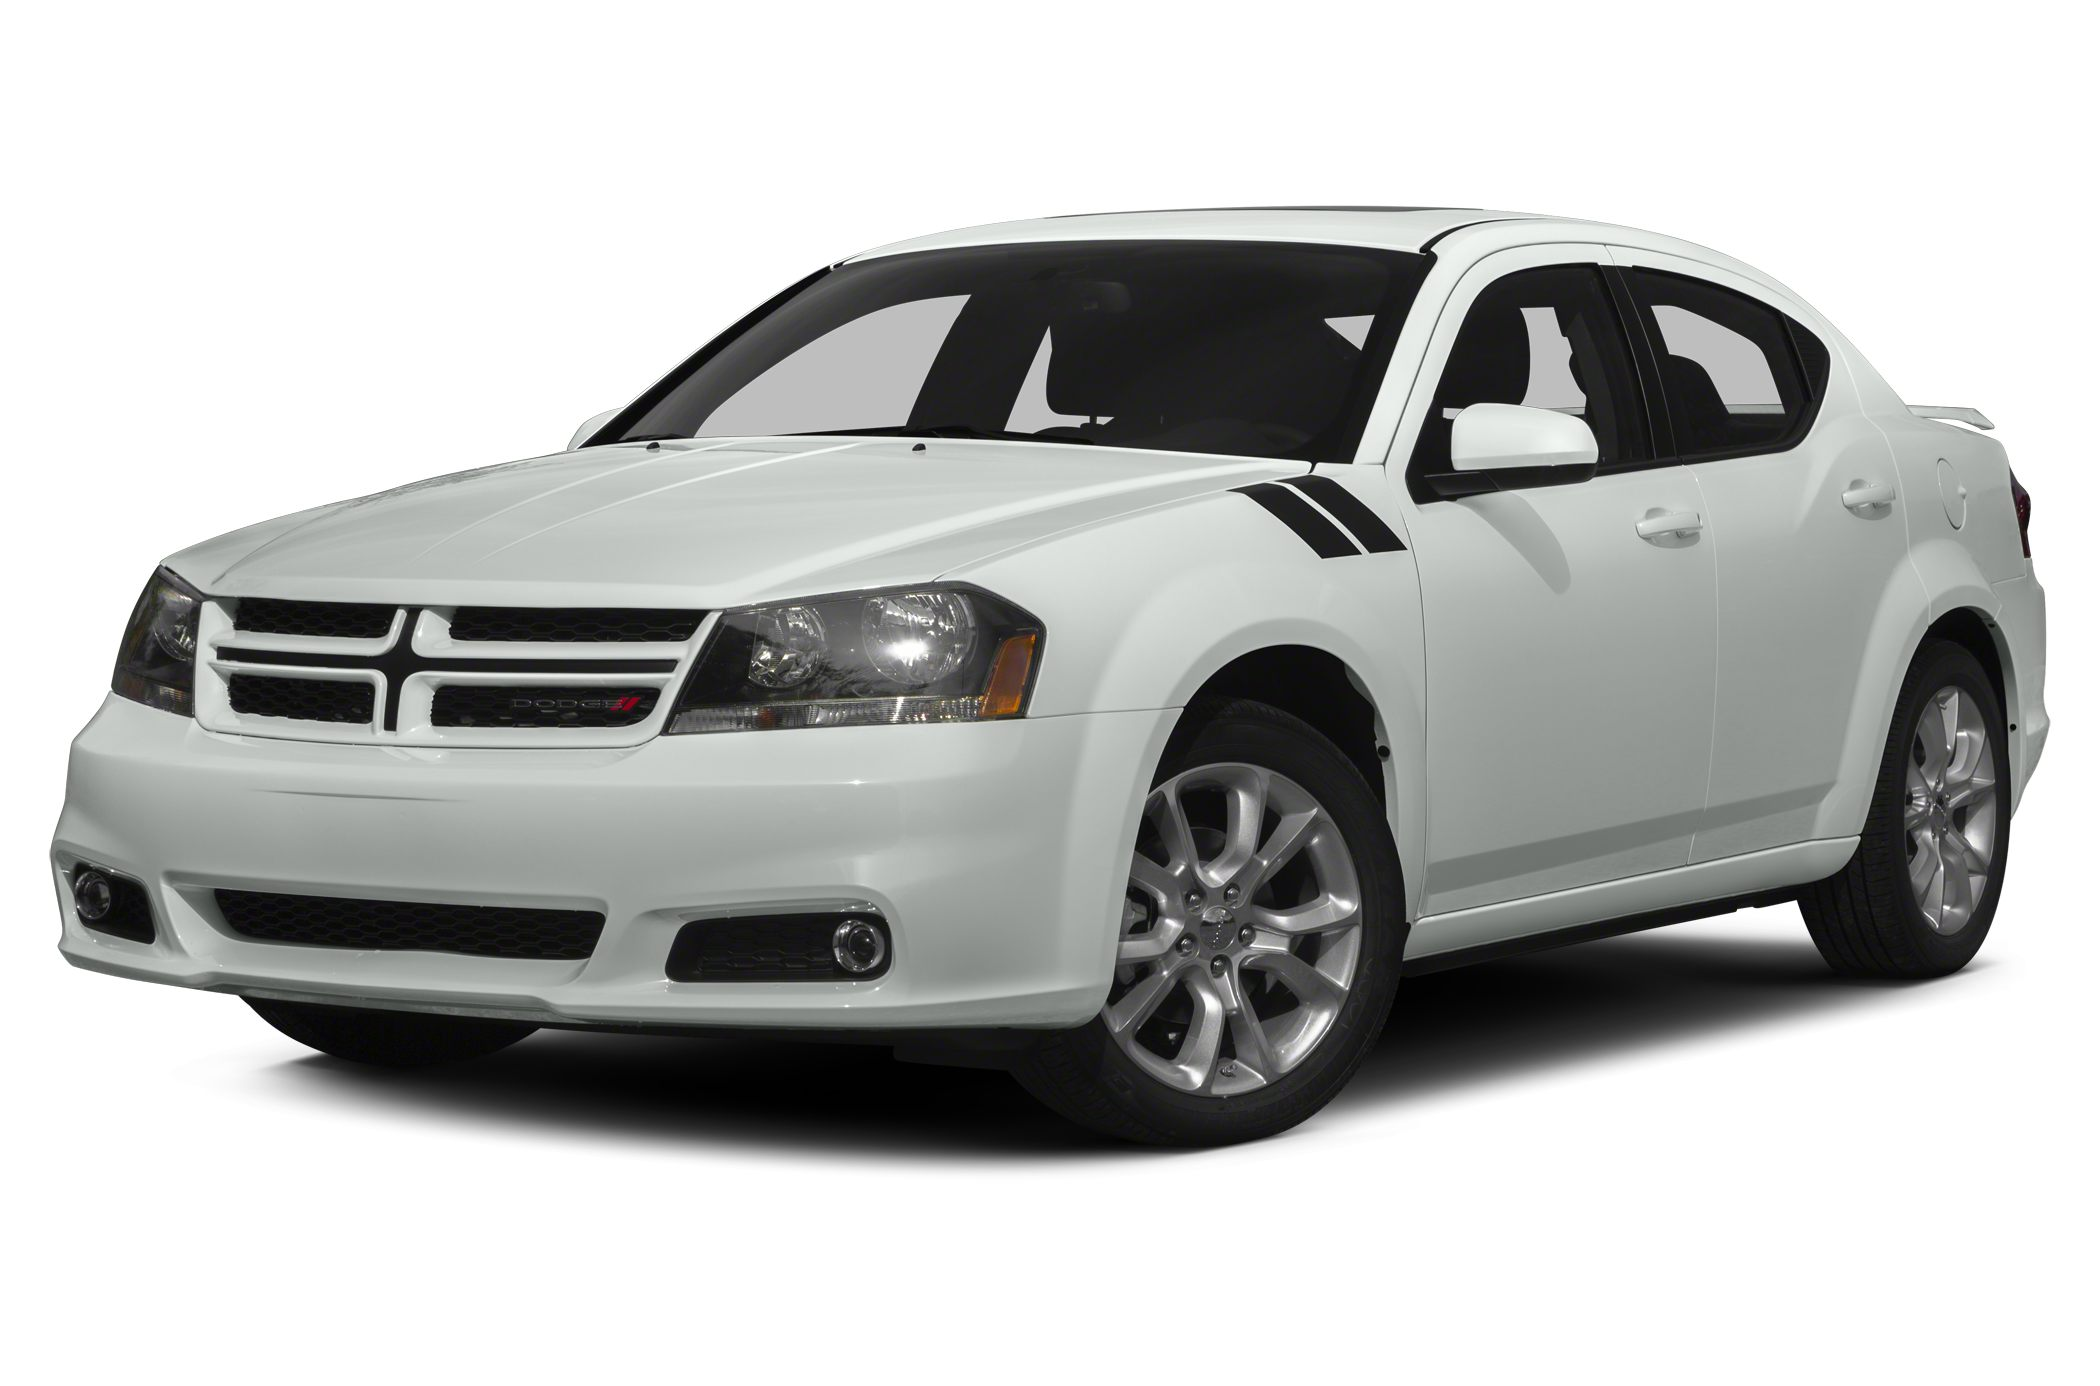 2014 dodge avenger r t 4dr front wheel drive sedan specs and prices 2014 dodge avenger r t 4dr front wheel drive sedan specs and prices